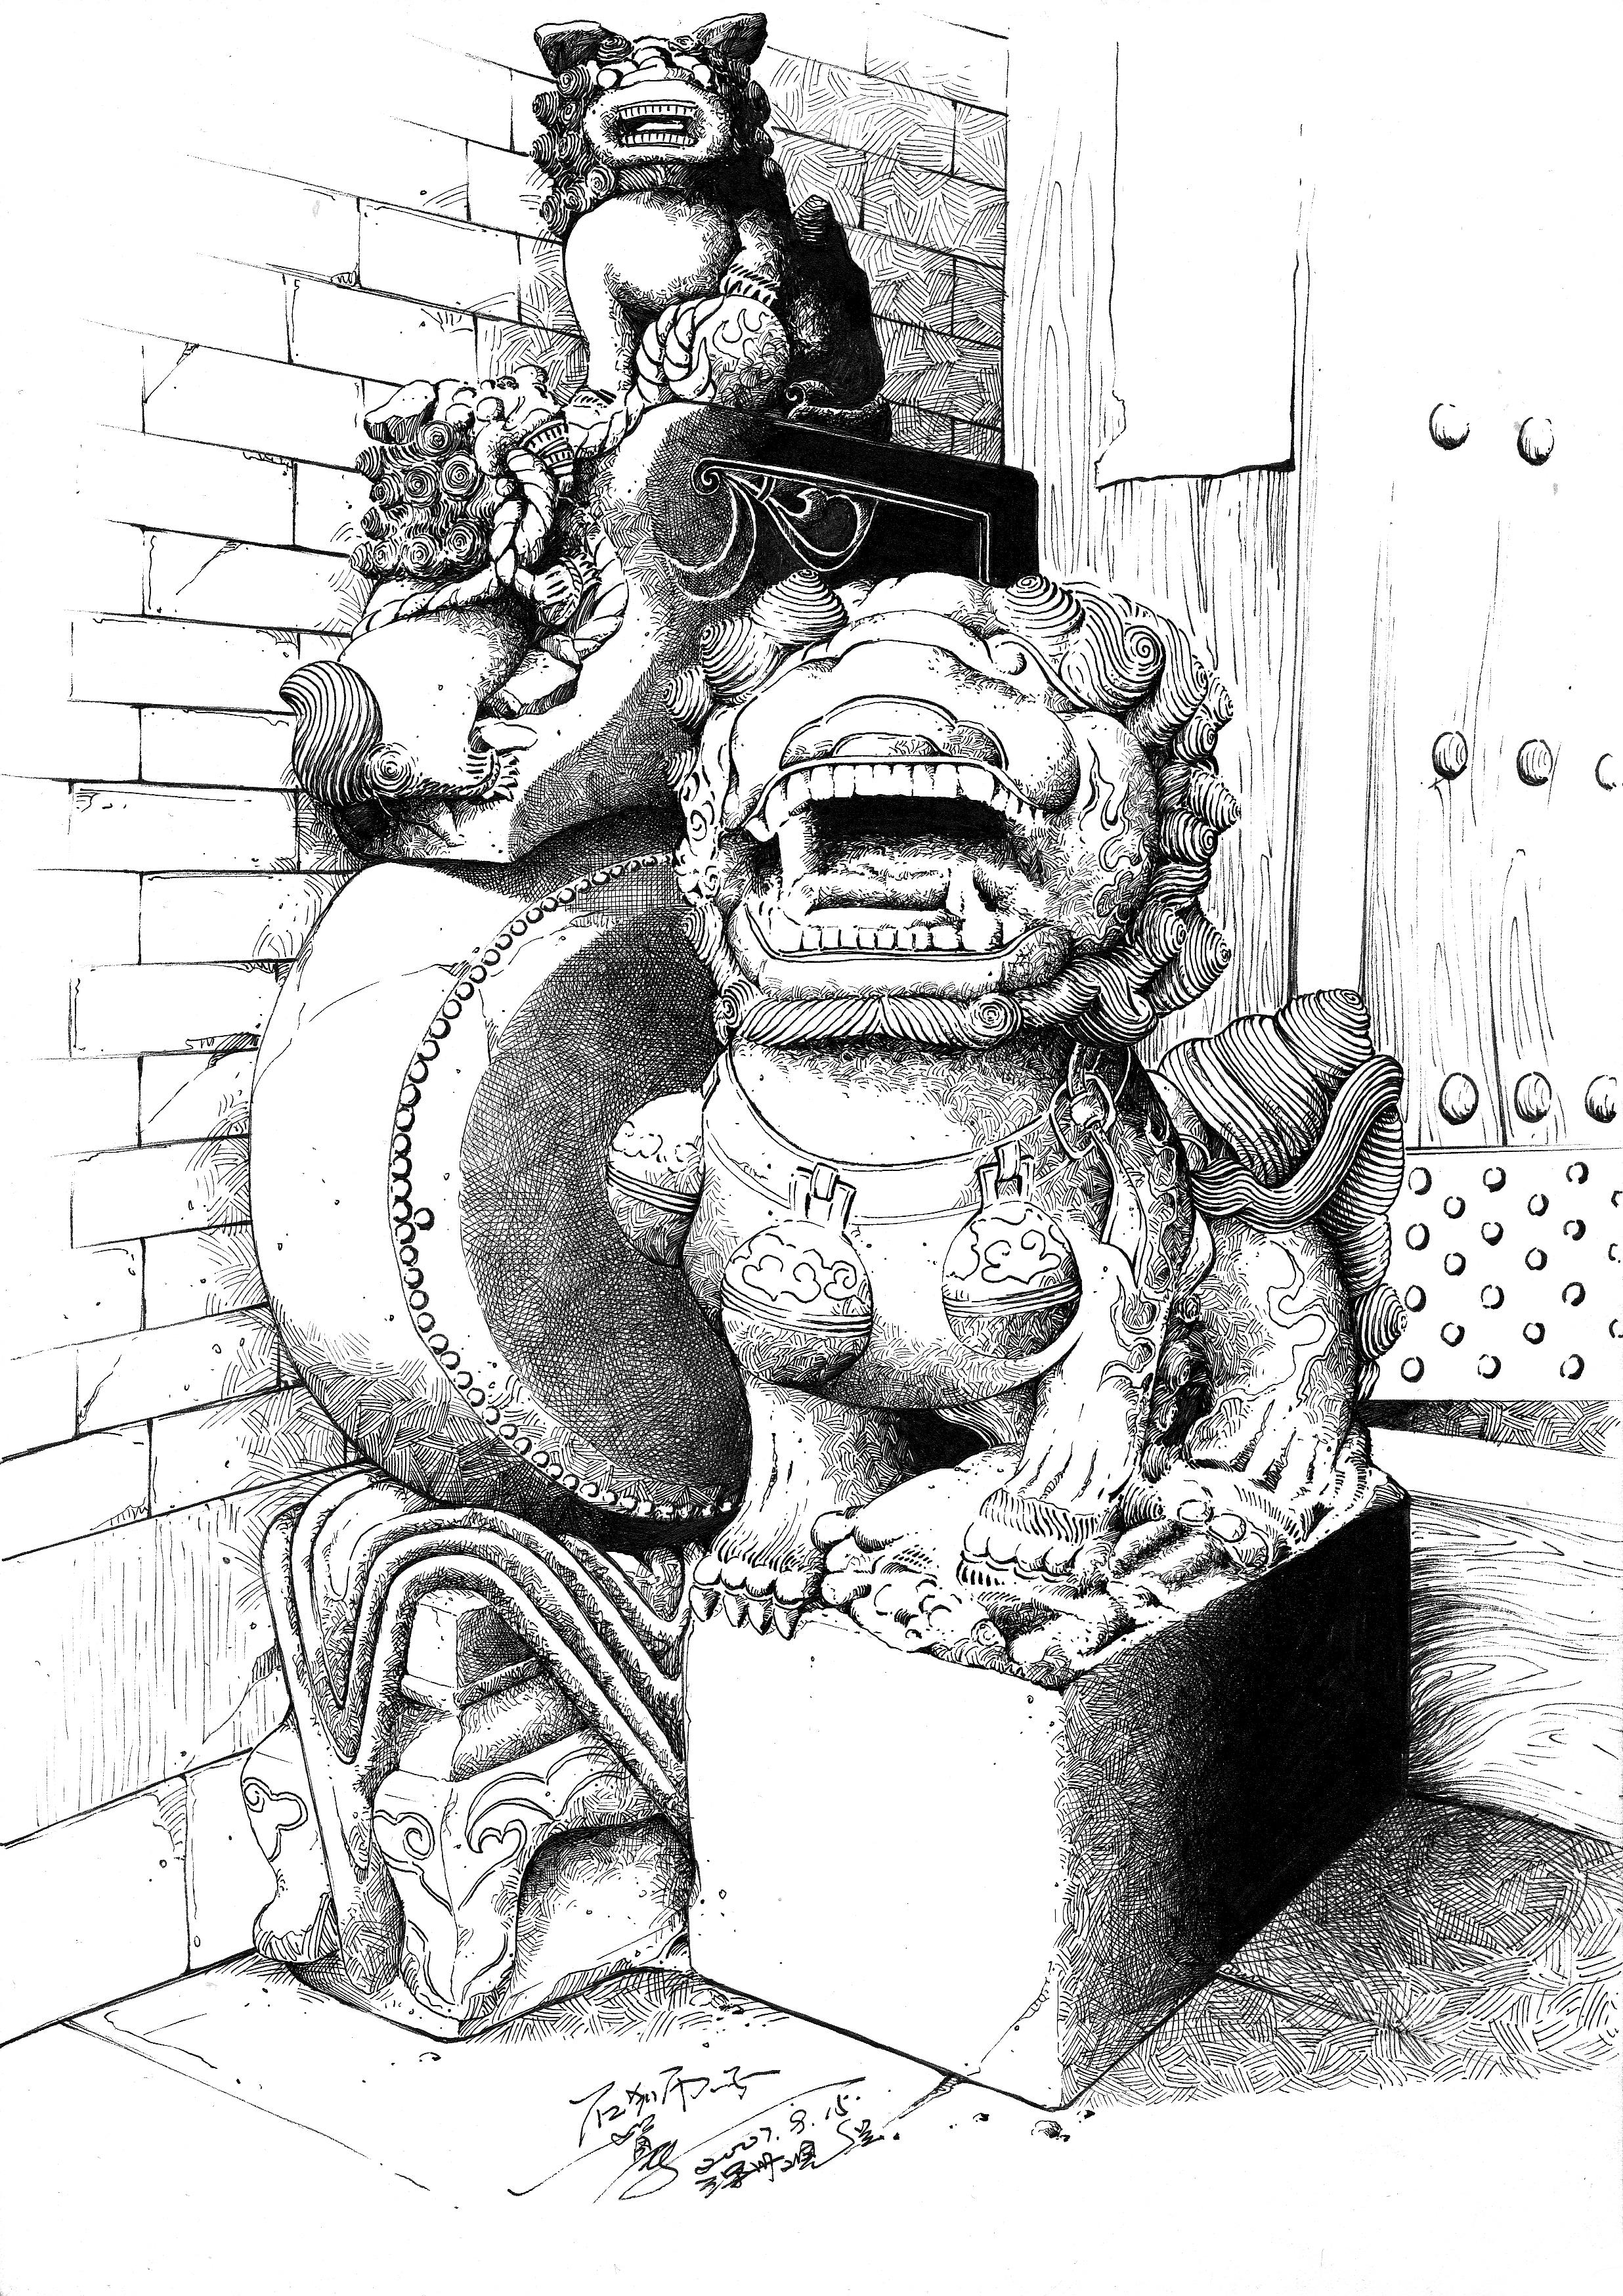 楚歌钢笔画-石狮子图片